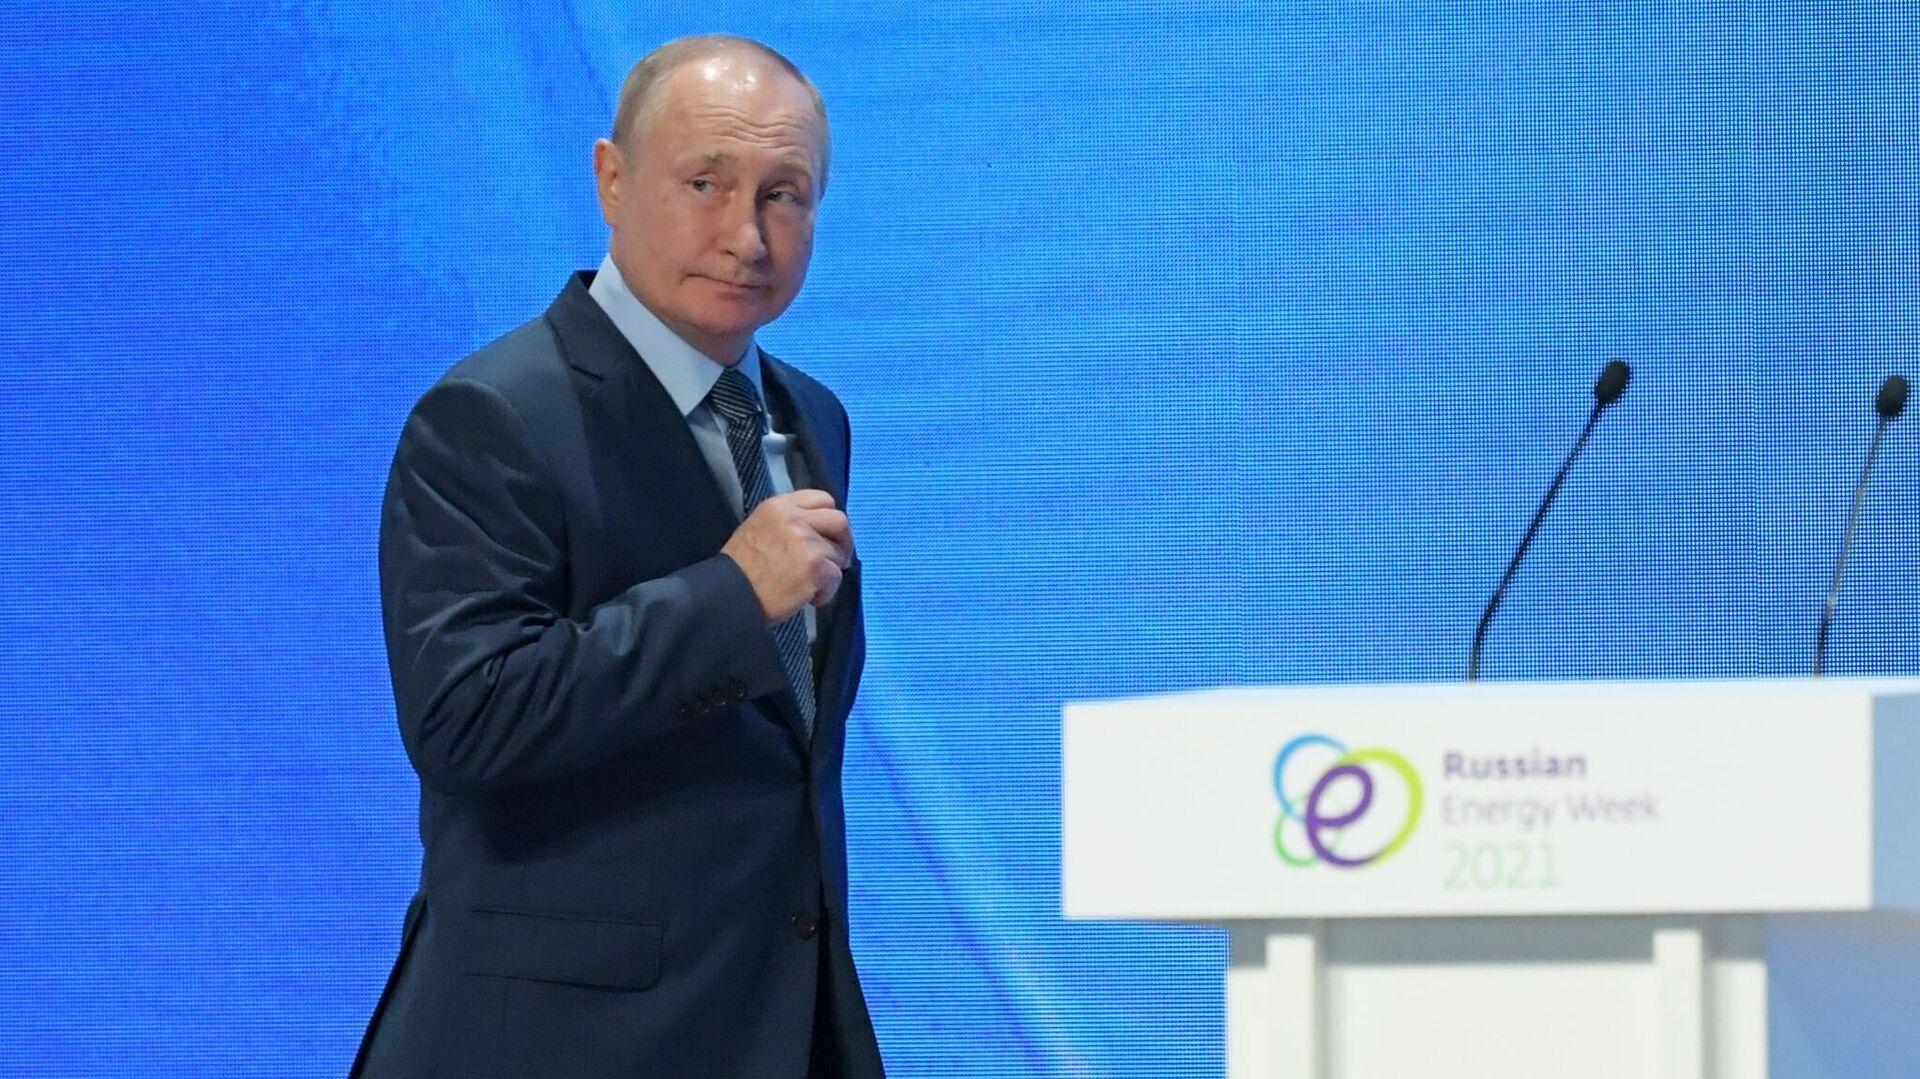 Президент РФ Владимир Путин на пленарном заседании международного форума Российская энергетическая неделя  - РИА Новости, 1920, 13.10.2021